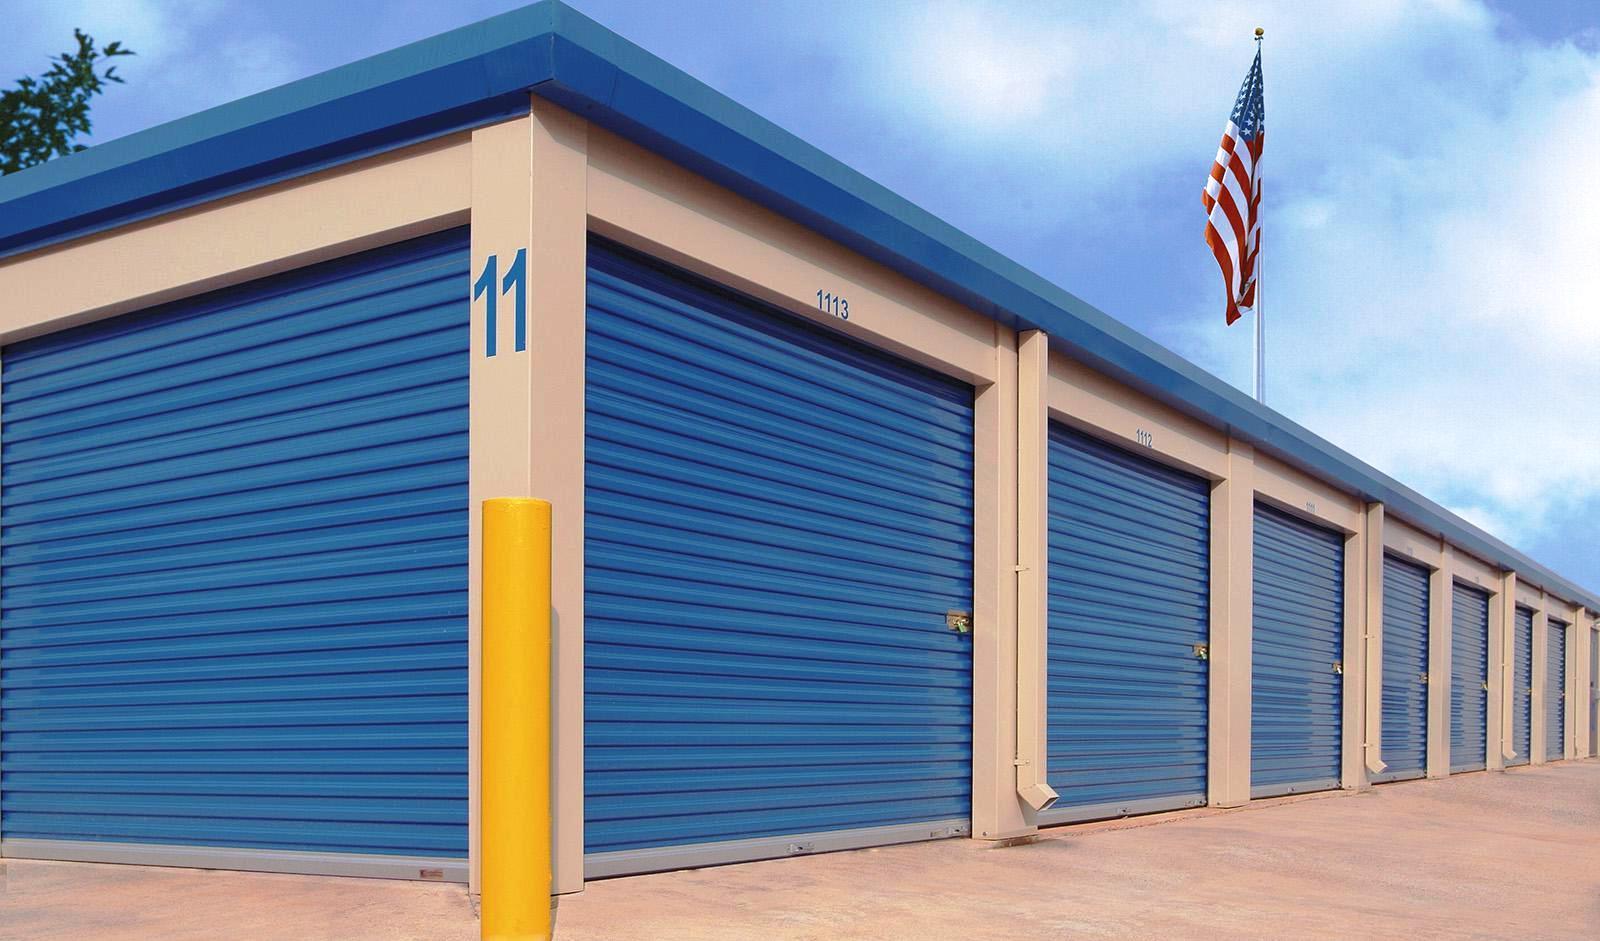 Roll Up Garage Doors Lowes Schmidt Gallery Design